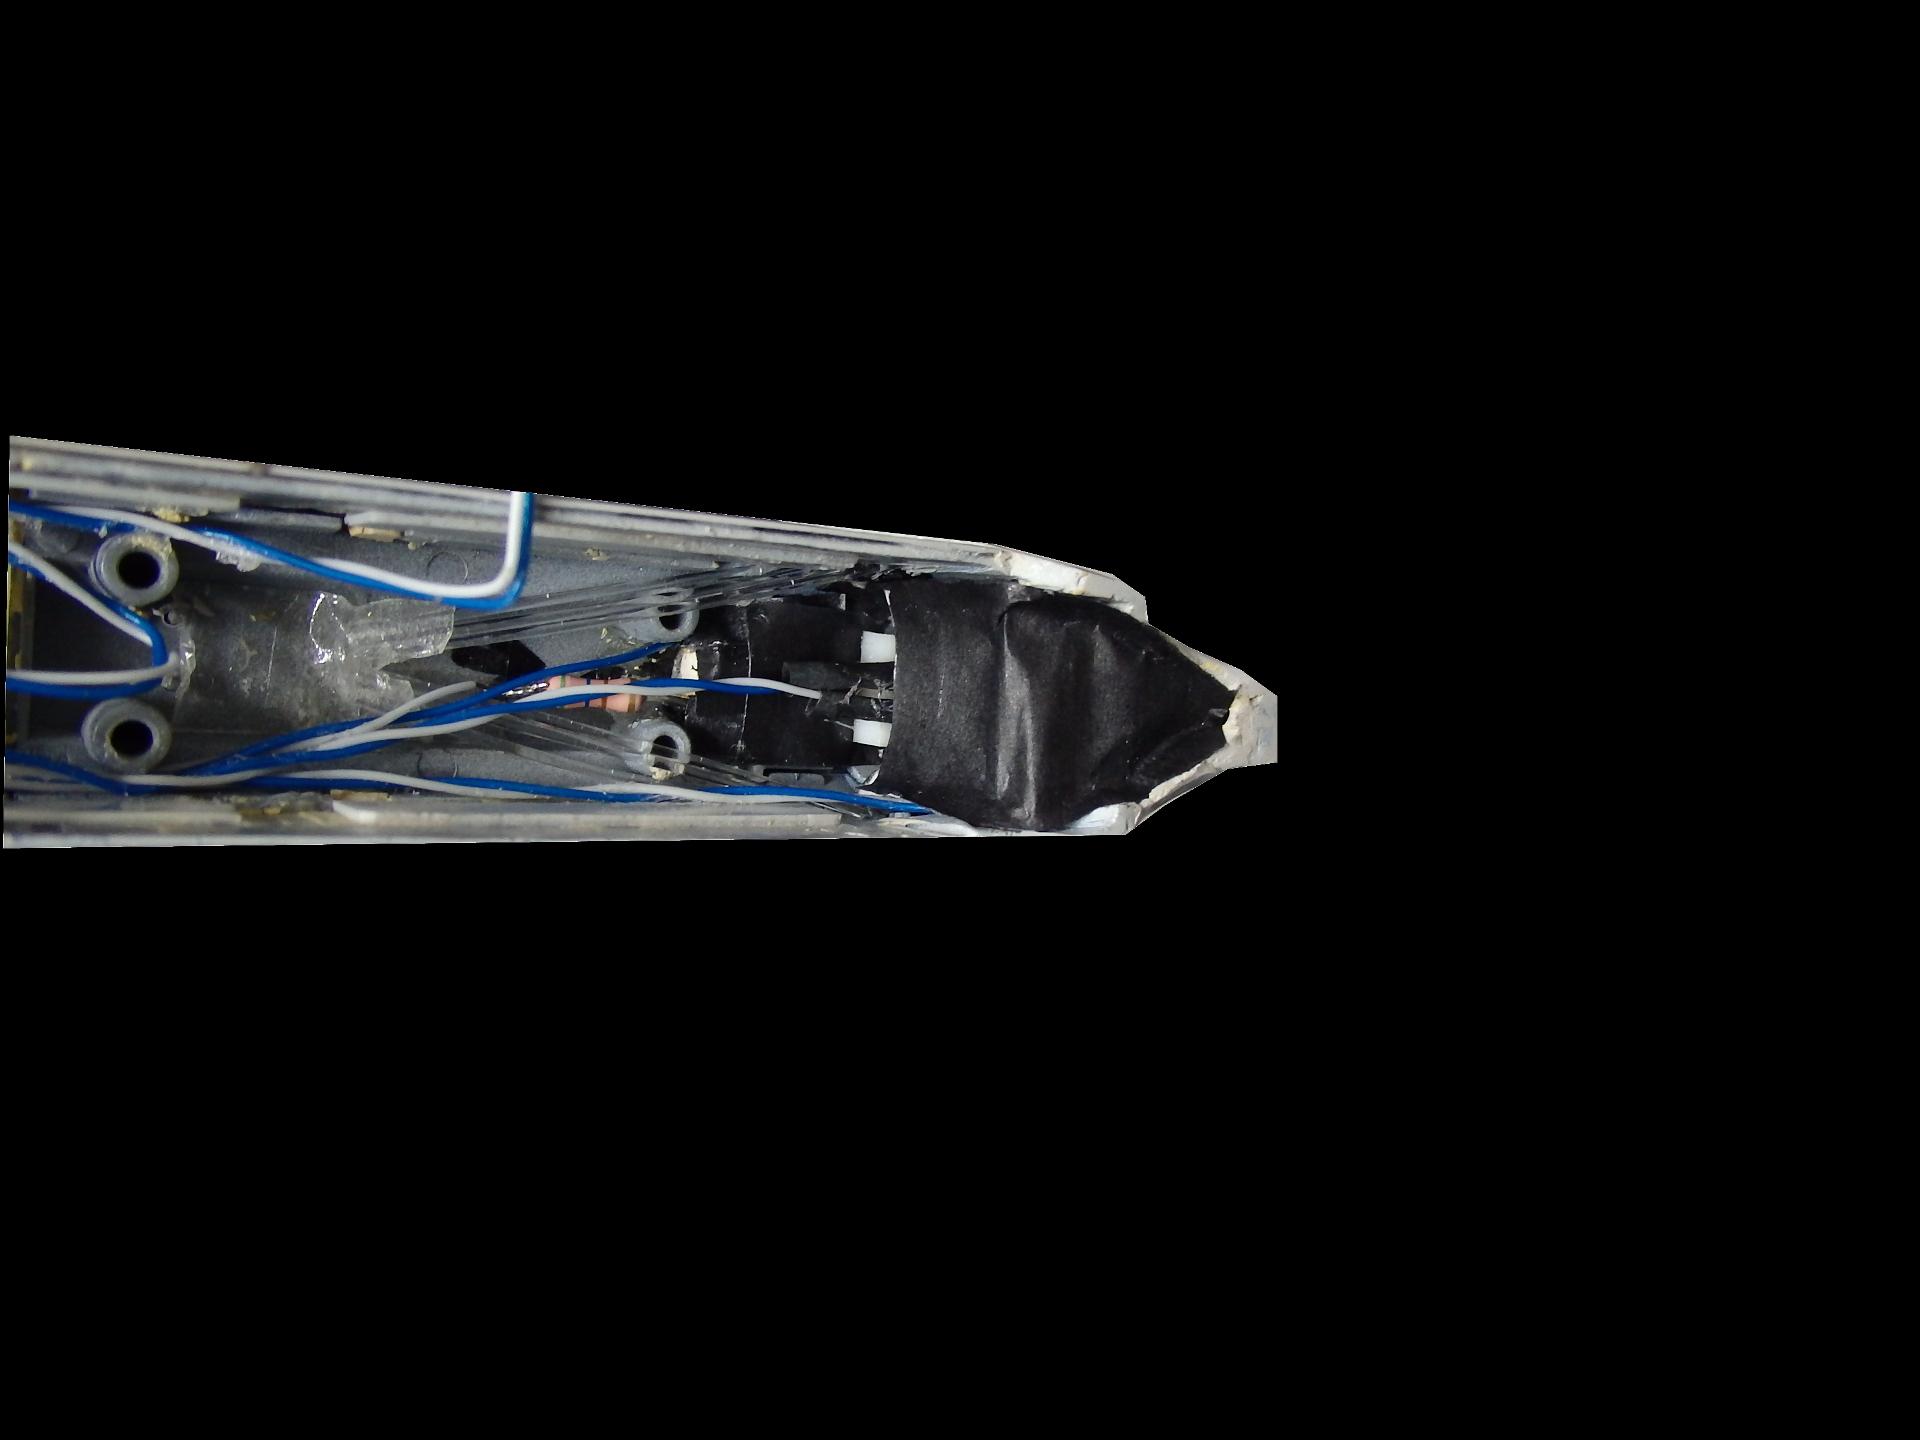 クモE4−600のスカートライト点灯化製作。